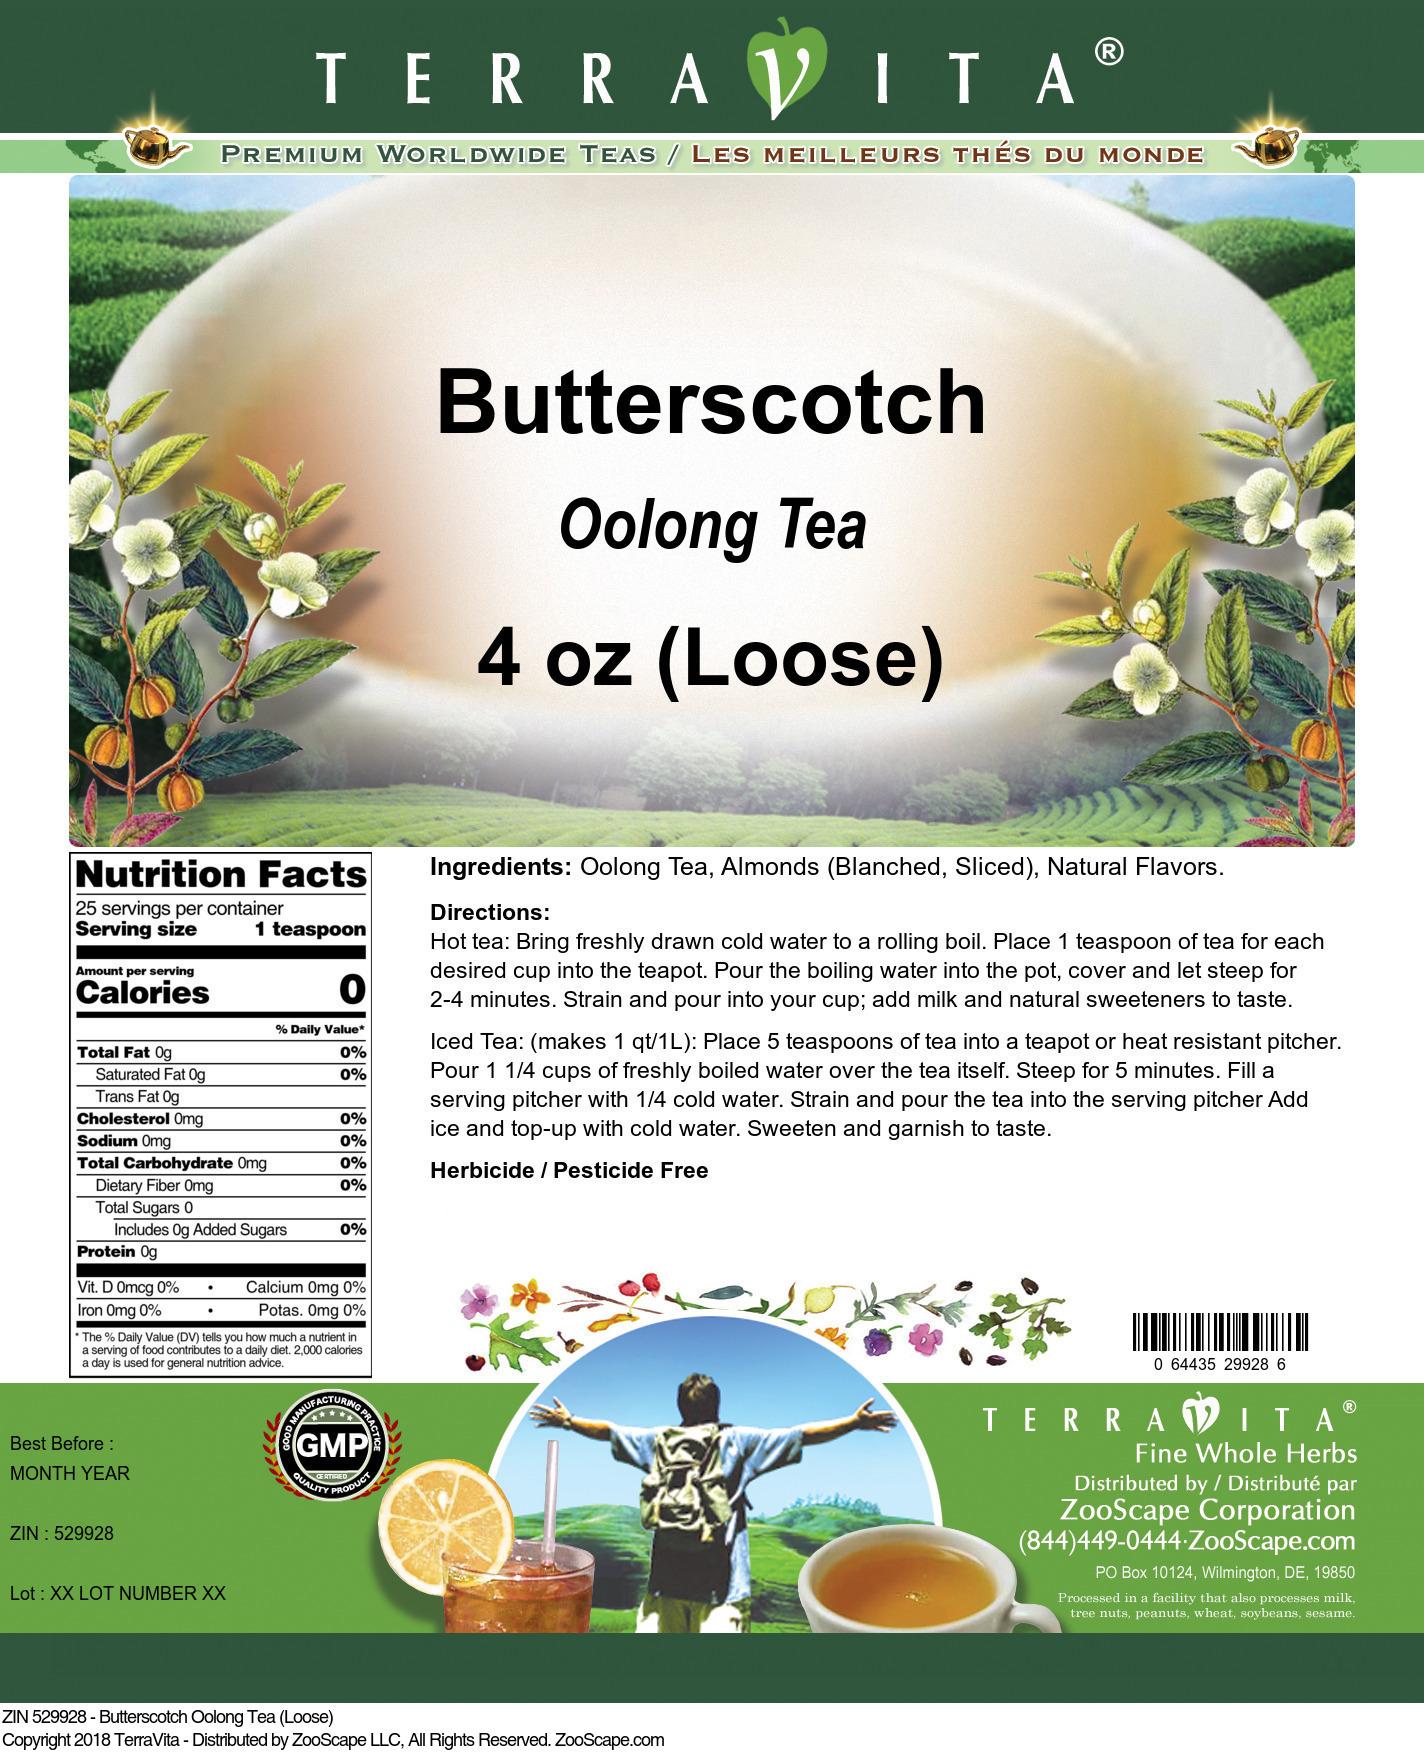 Butterscotch Oolong Tea